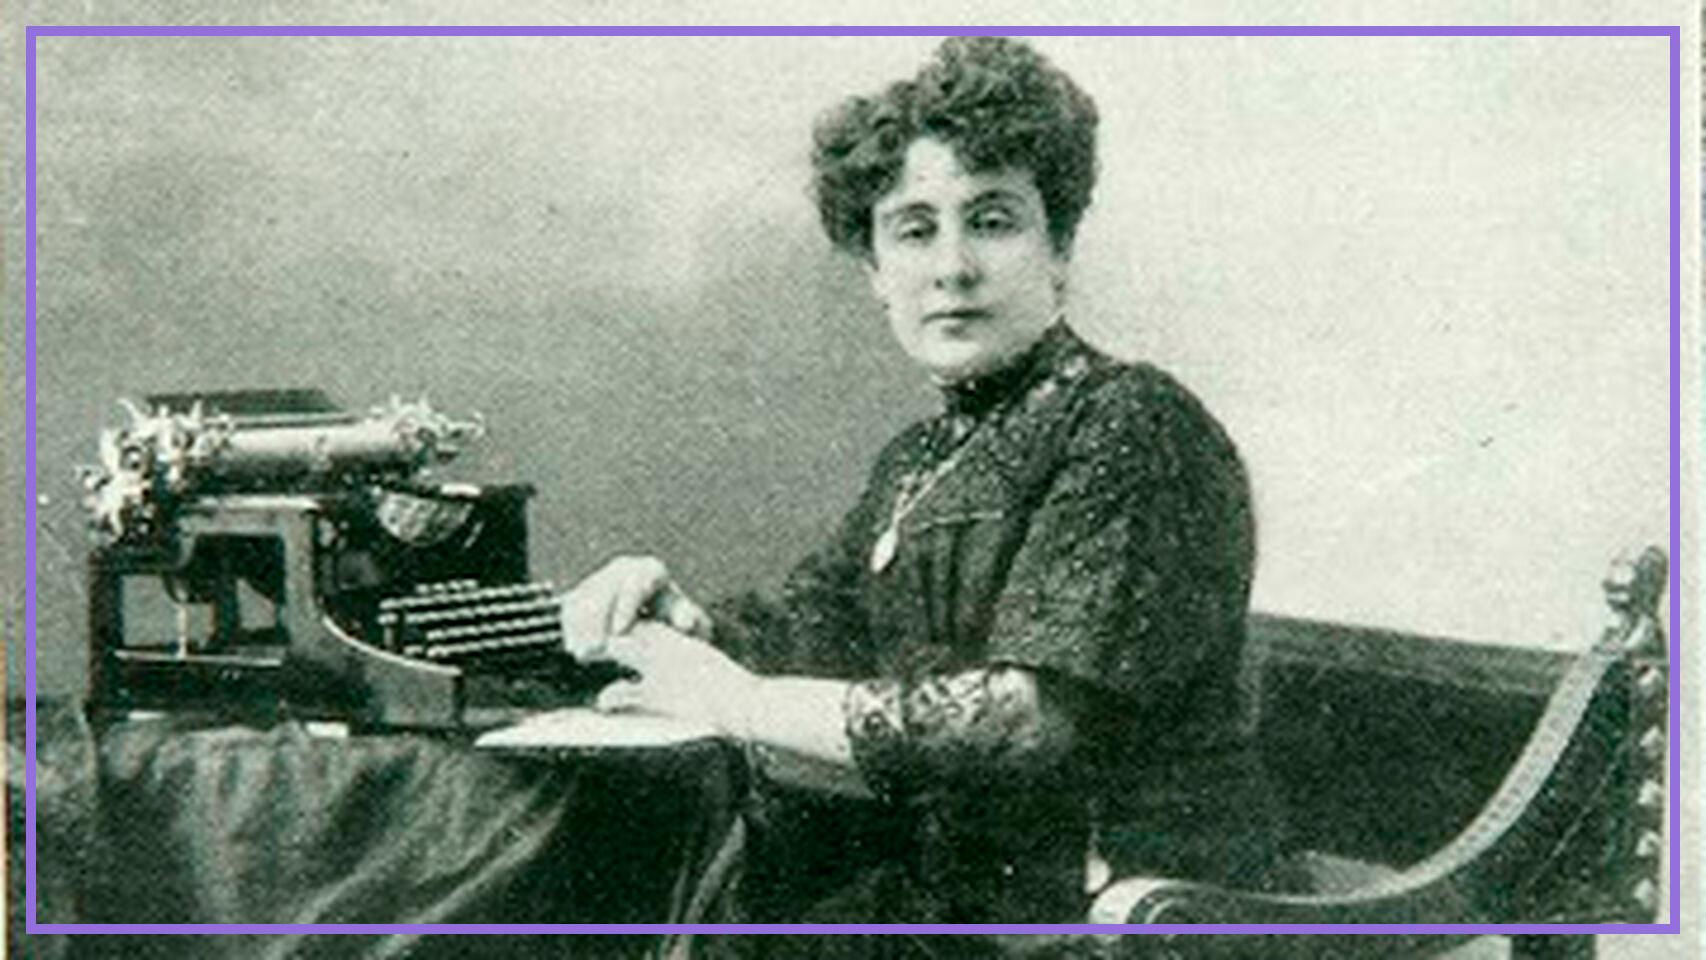 María Espinosa, presidenta de la primera asociación de mujeres que luchó por el voto femenino